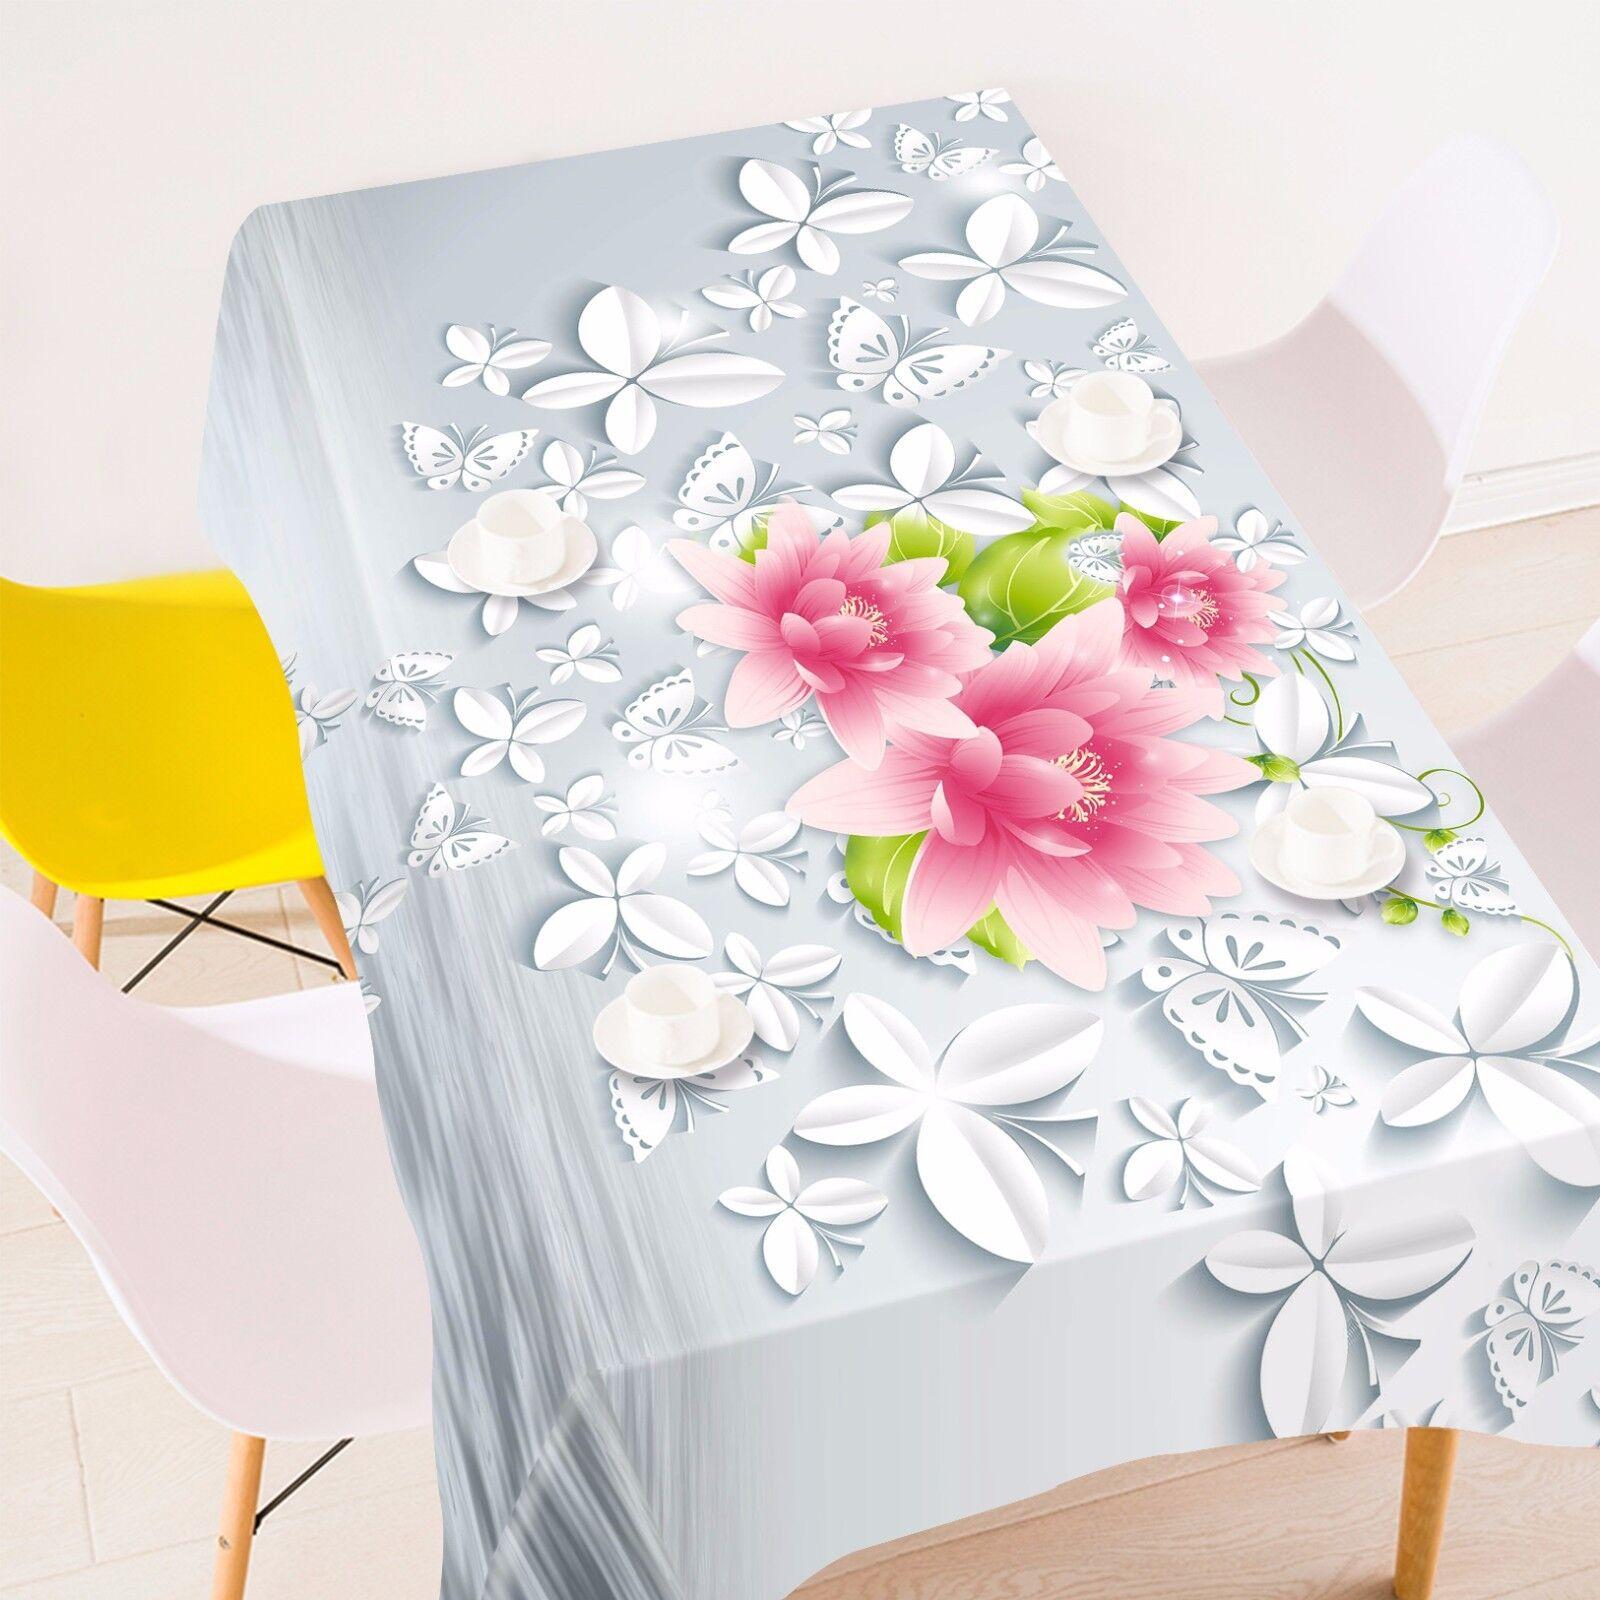 3D Rose Pétale Nappe Table Cover Cloth fête d'anniversaire AJ papier peint Royaume-Uni Citron